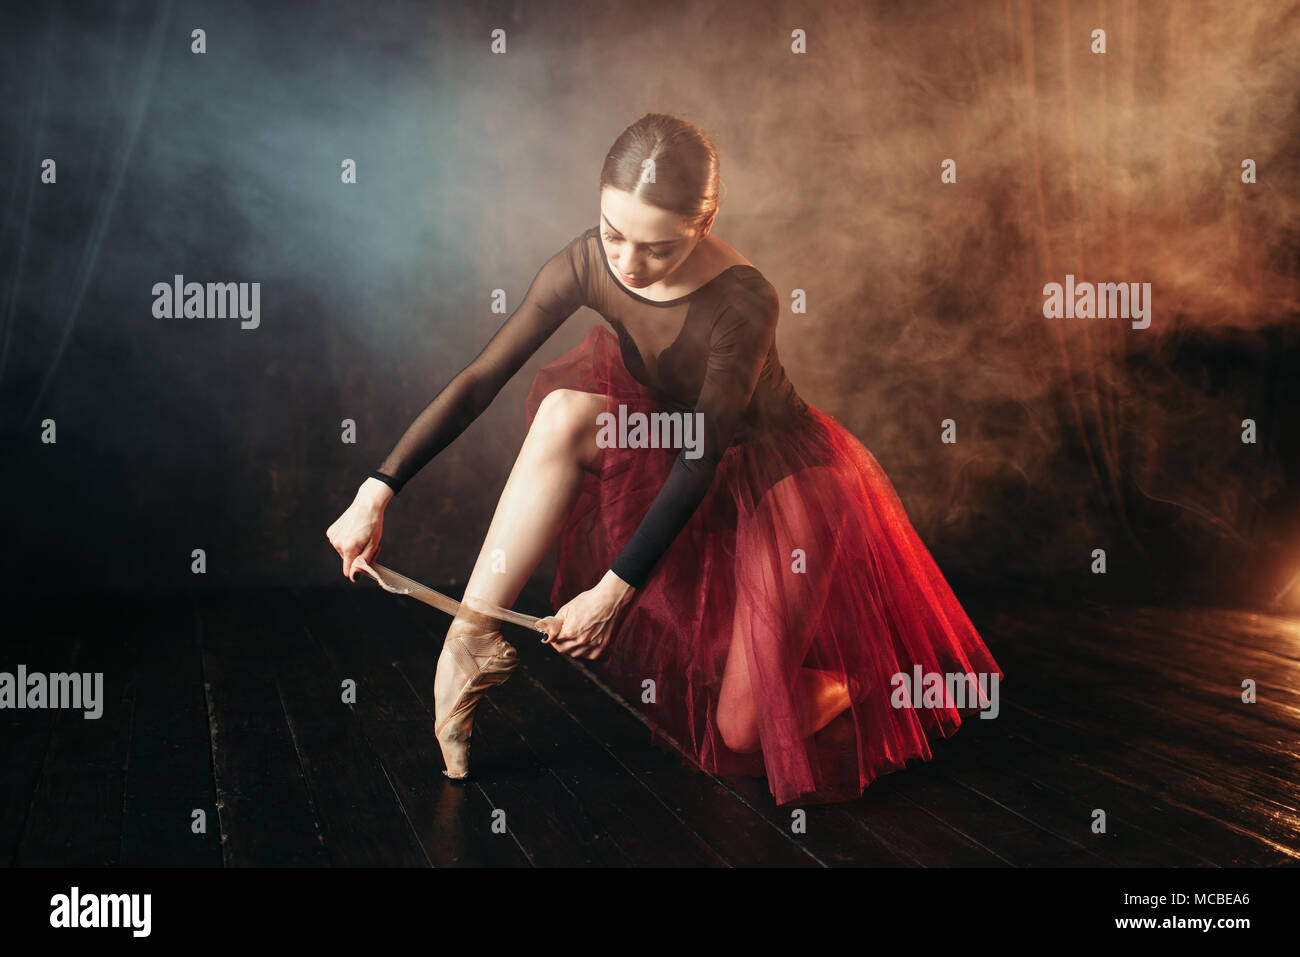 Ballet danseuse attachant les pointes Photo Stock